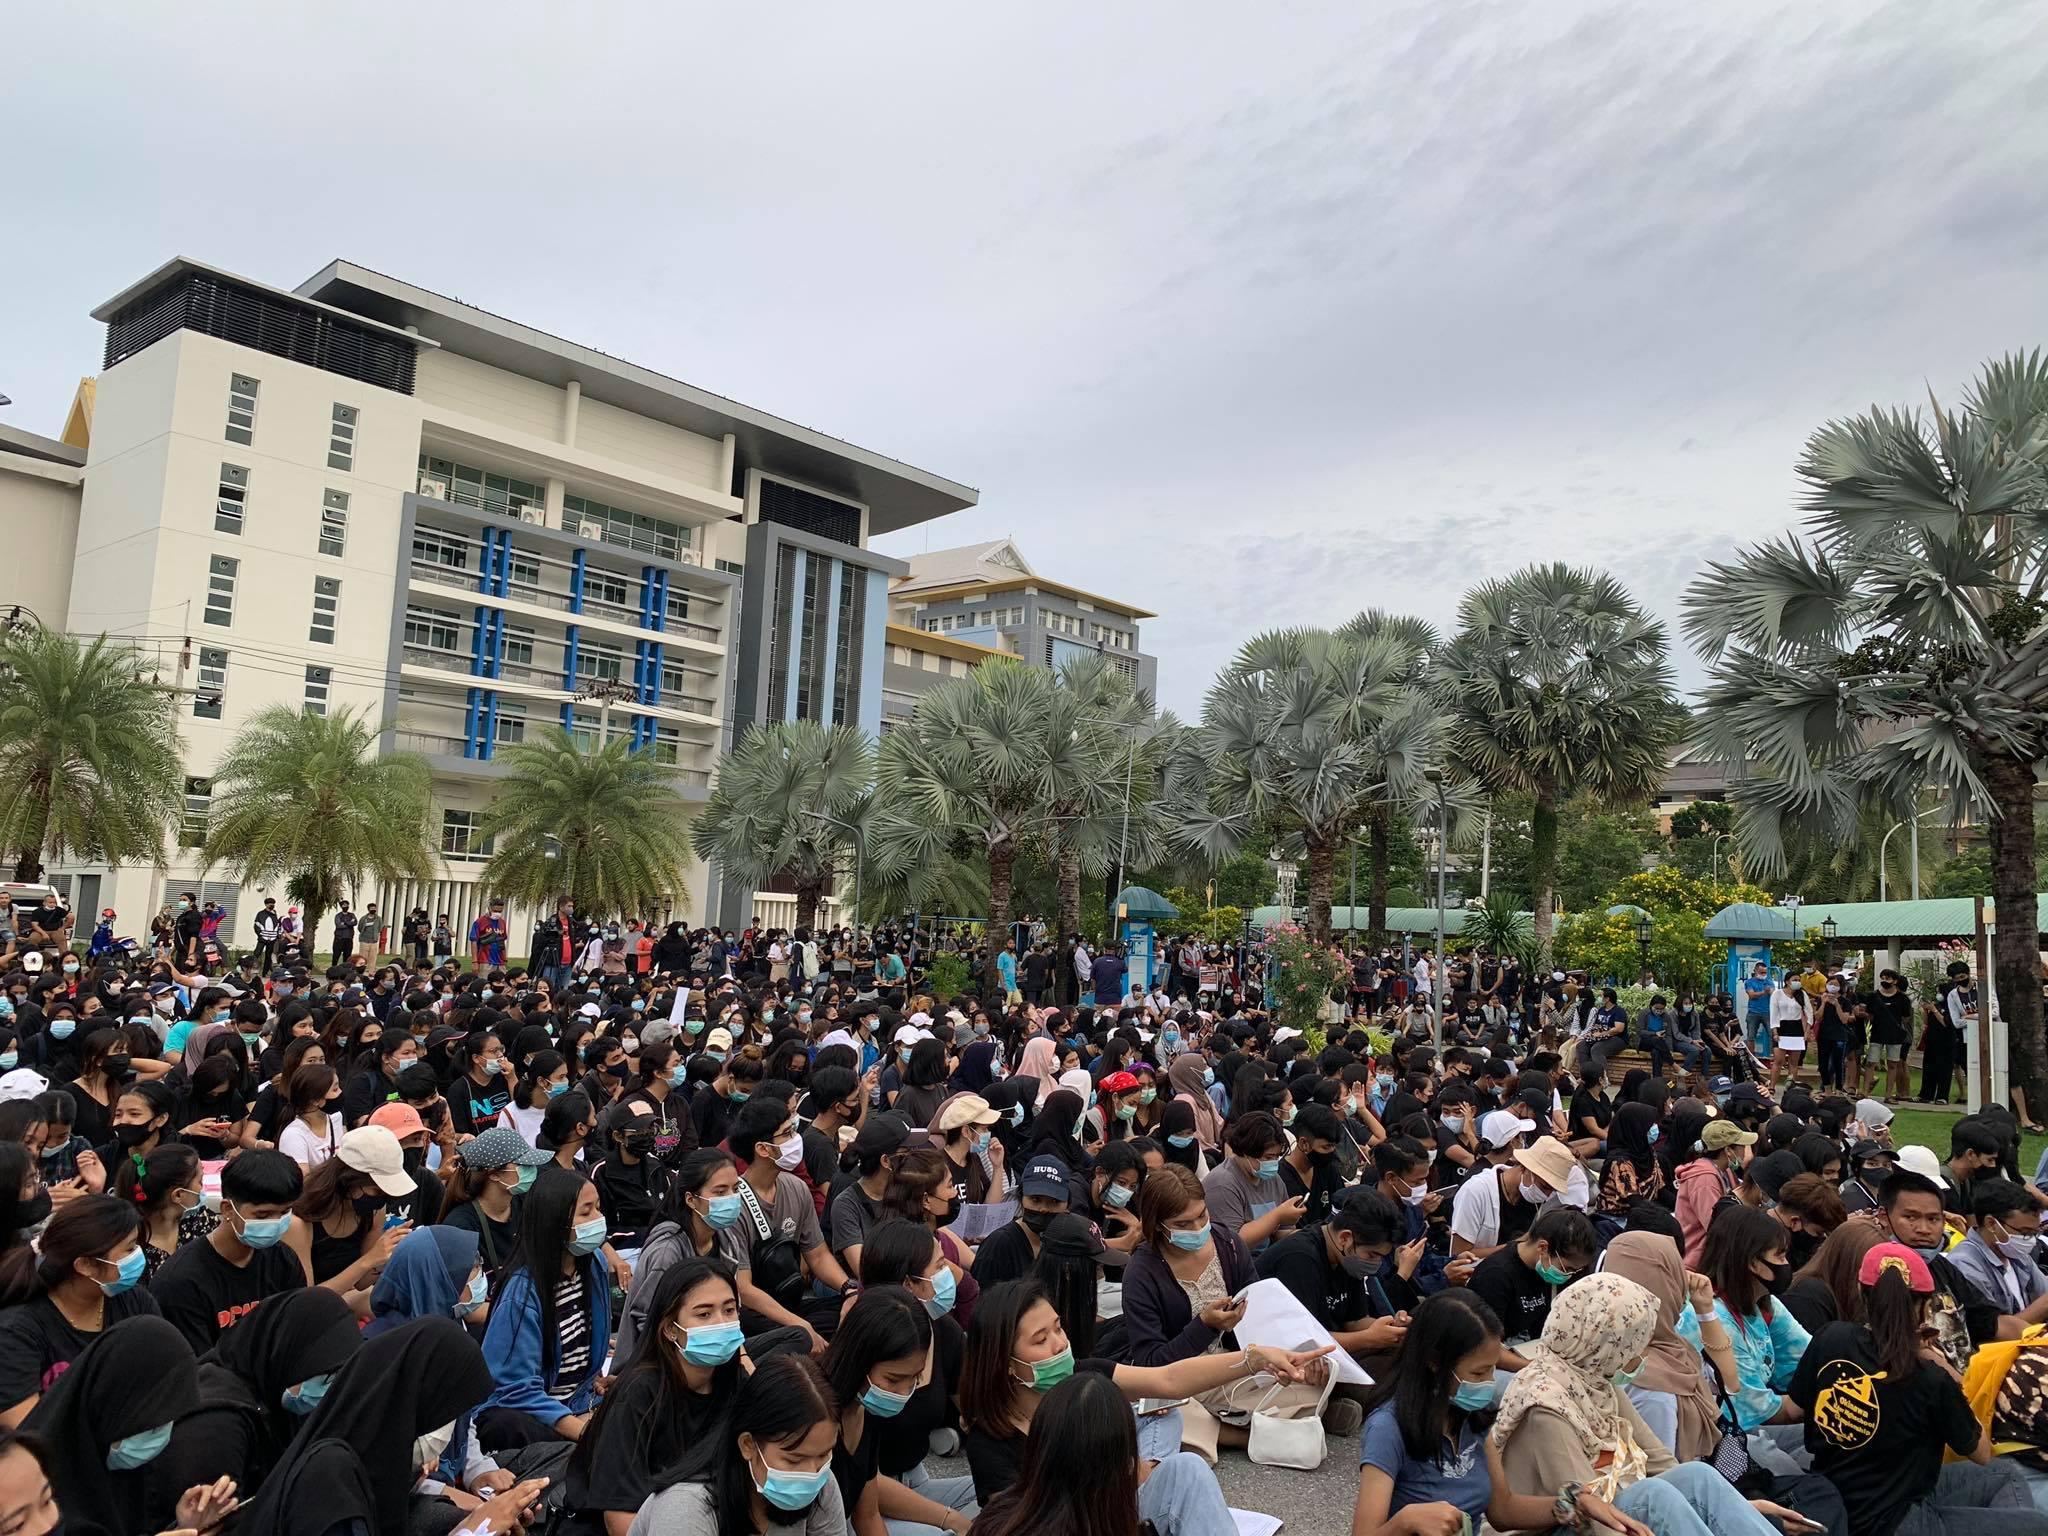 มาตามนัดกลุ่มผู้ชุมนุมกว่า 500 คน ร่วมแสดงจุดยืน ณ ม.ทักษิณ สงขลา ส่งกำลังใจถึงกทม.